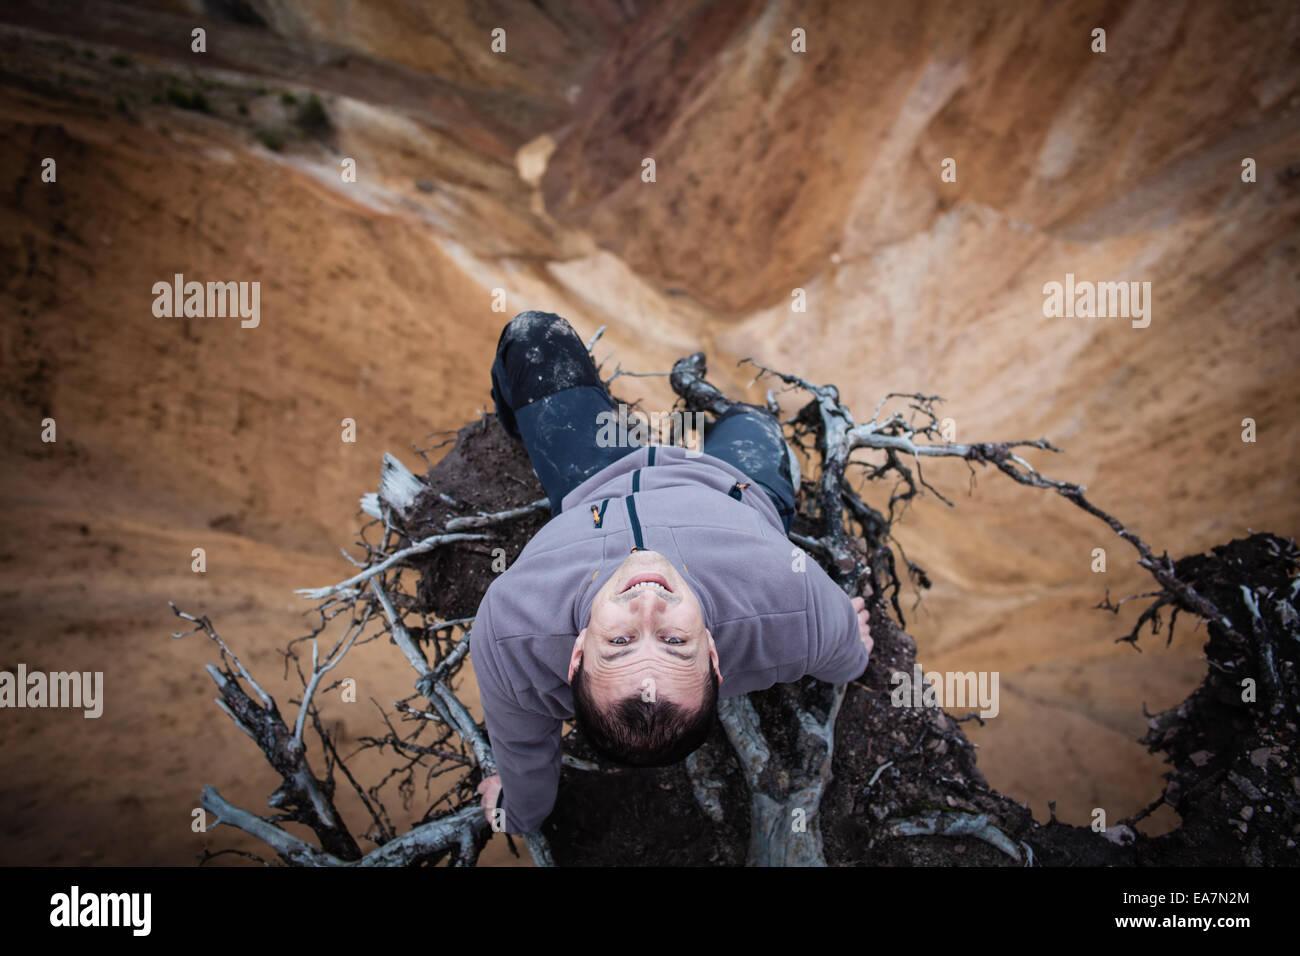 Man sitzt auf der Kante von einer hohen Klippe, Adrenalin, Mut und Risiko-Konzept Stockbild